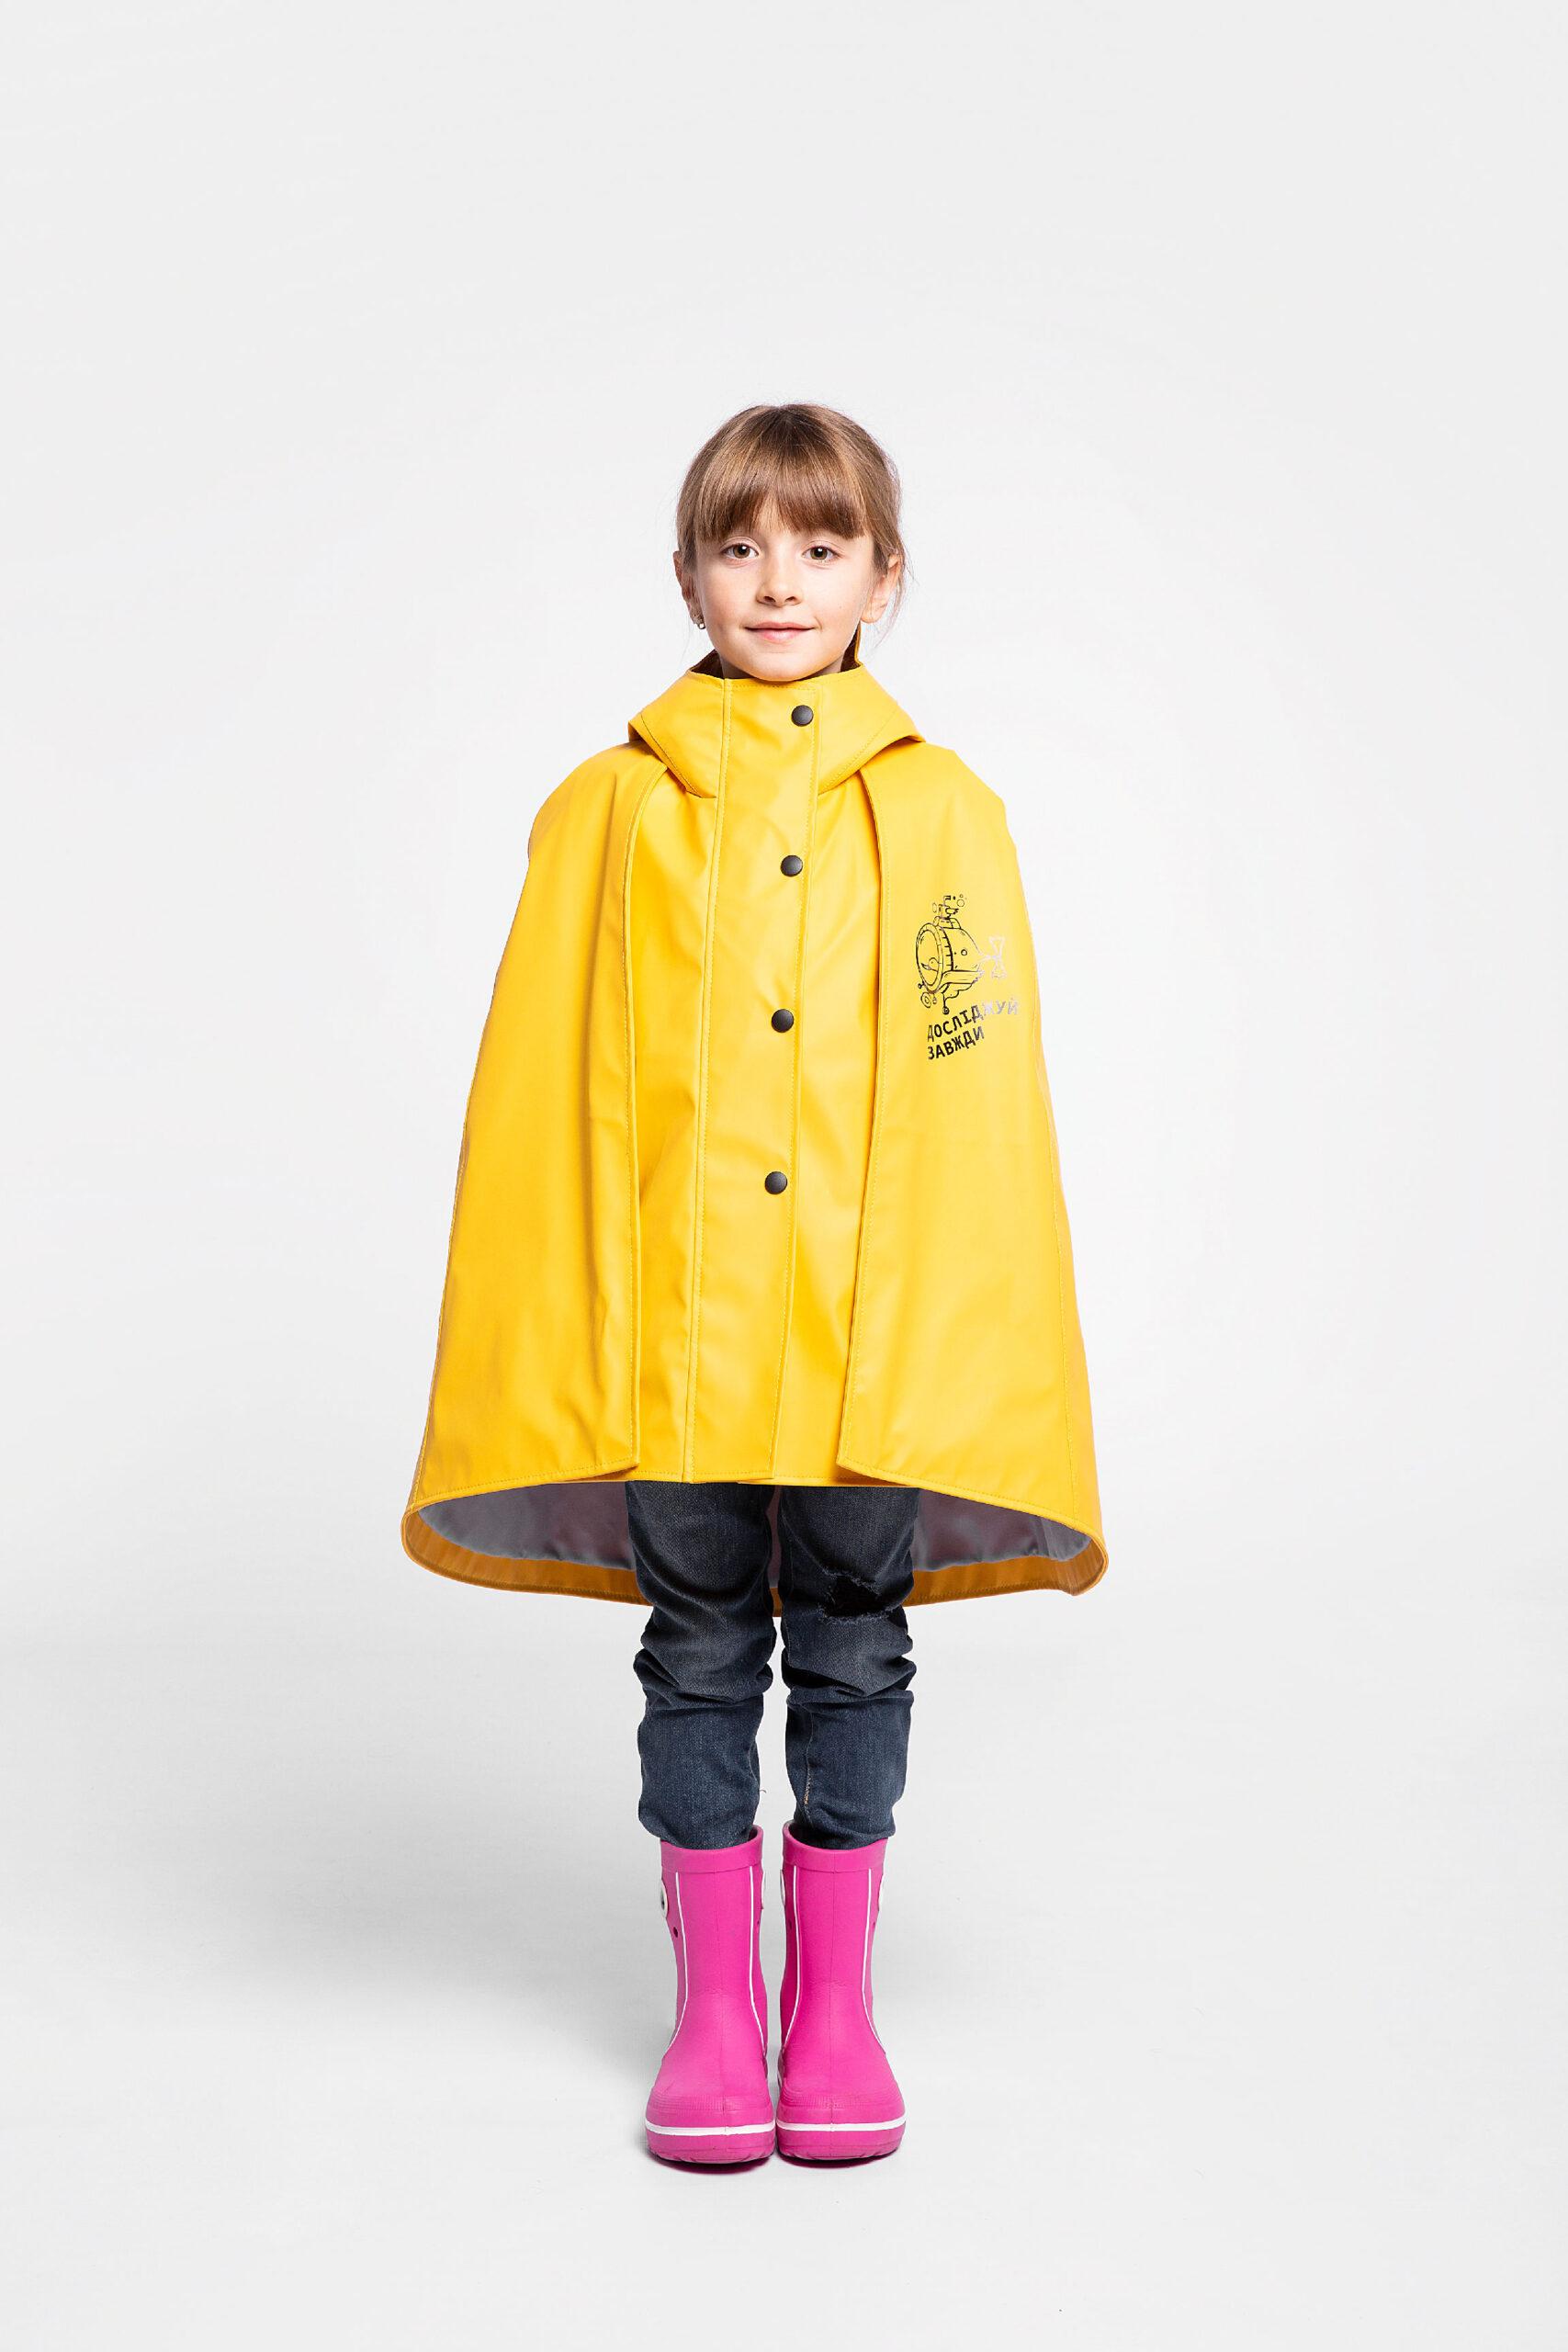 Дитячий Дощовик-Пончо Гідроплан. Колір жовтий. Товар можнапридбати з розтермінуванням оплатна 3 місяці.